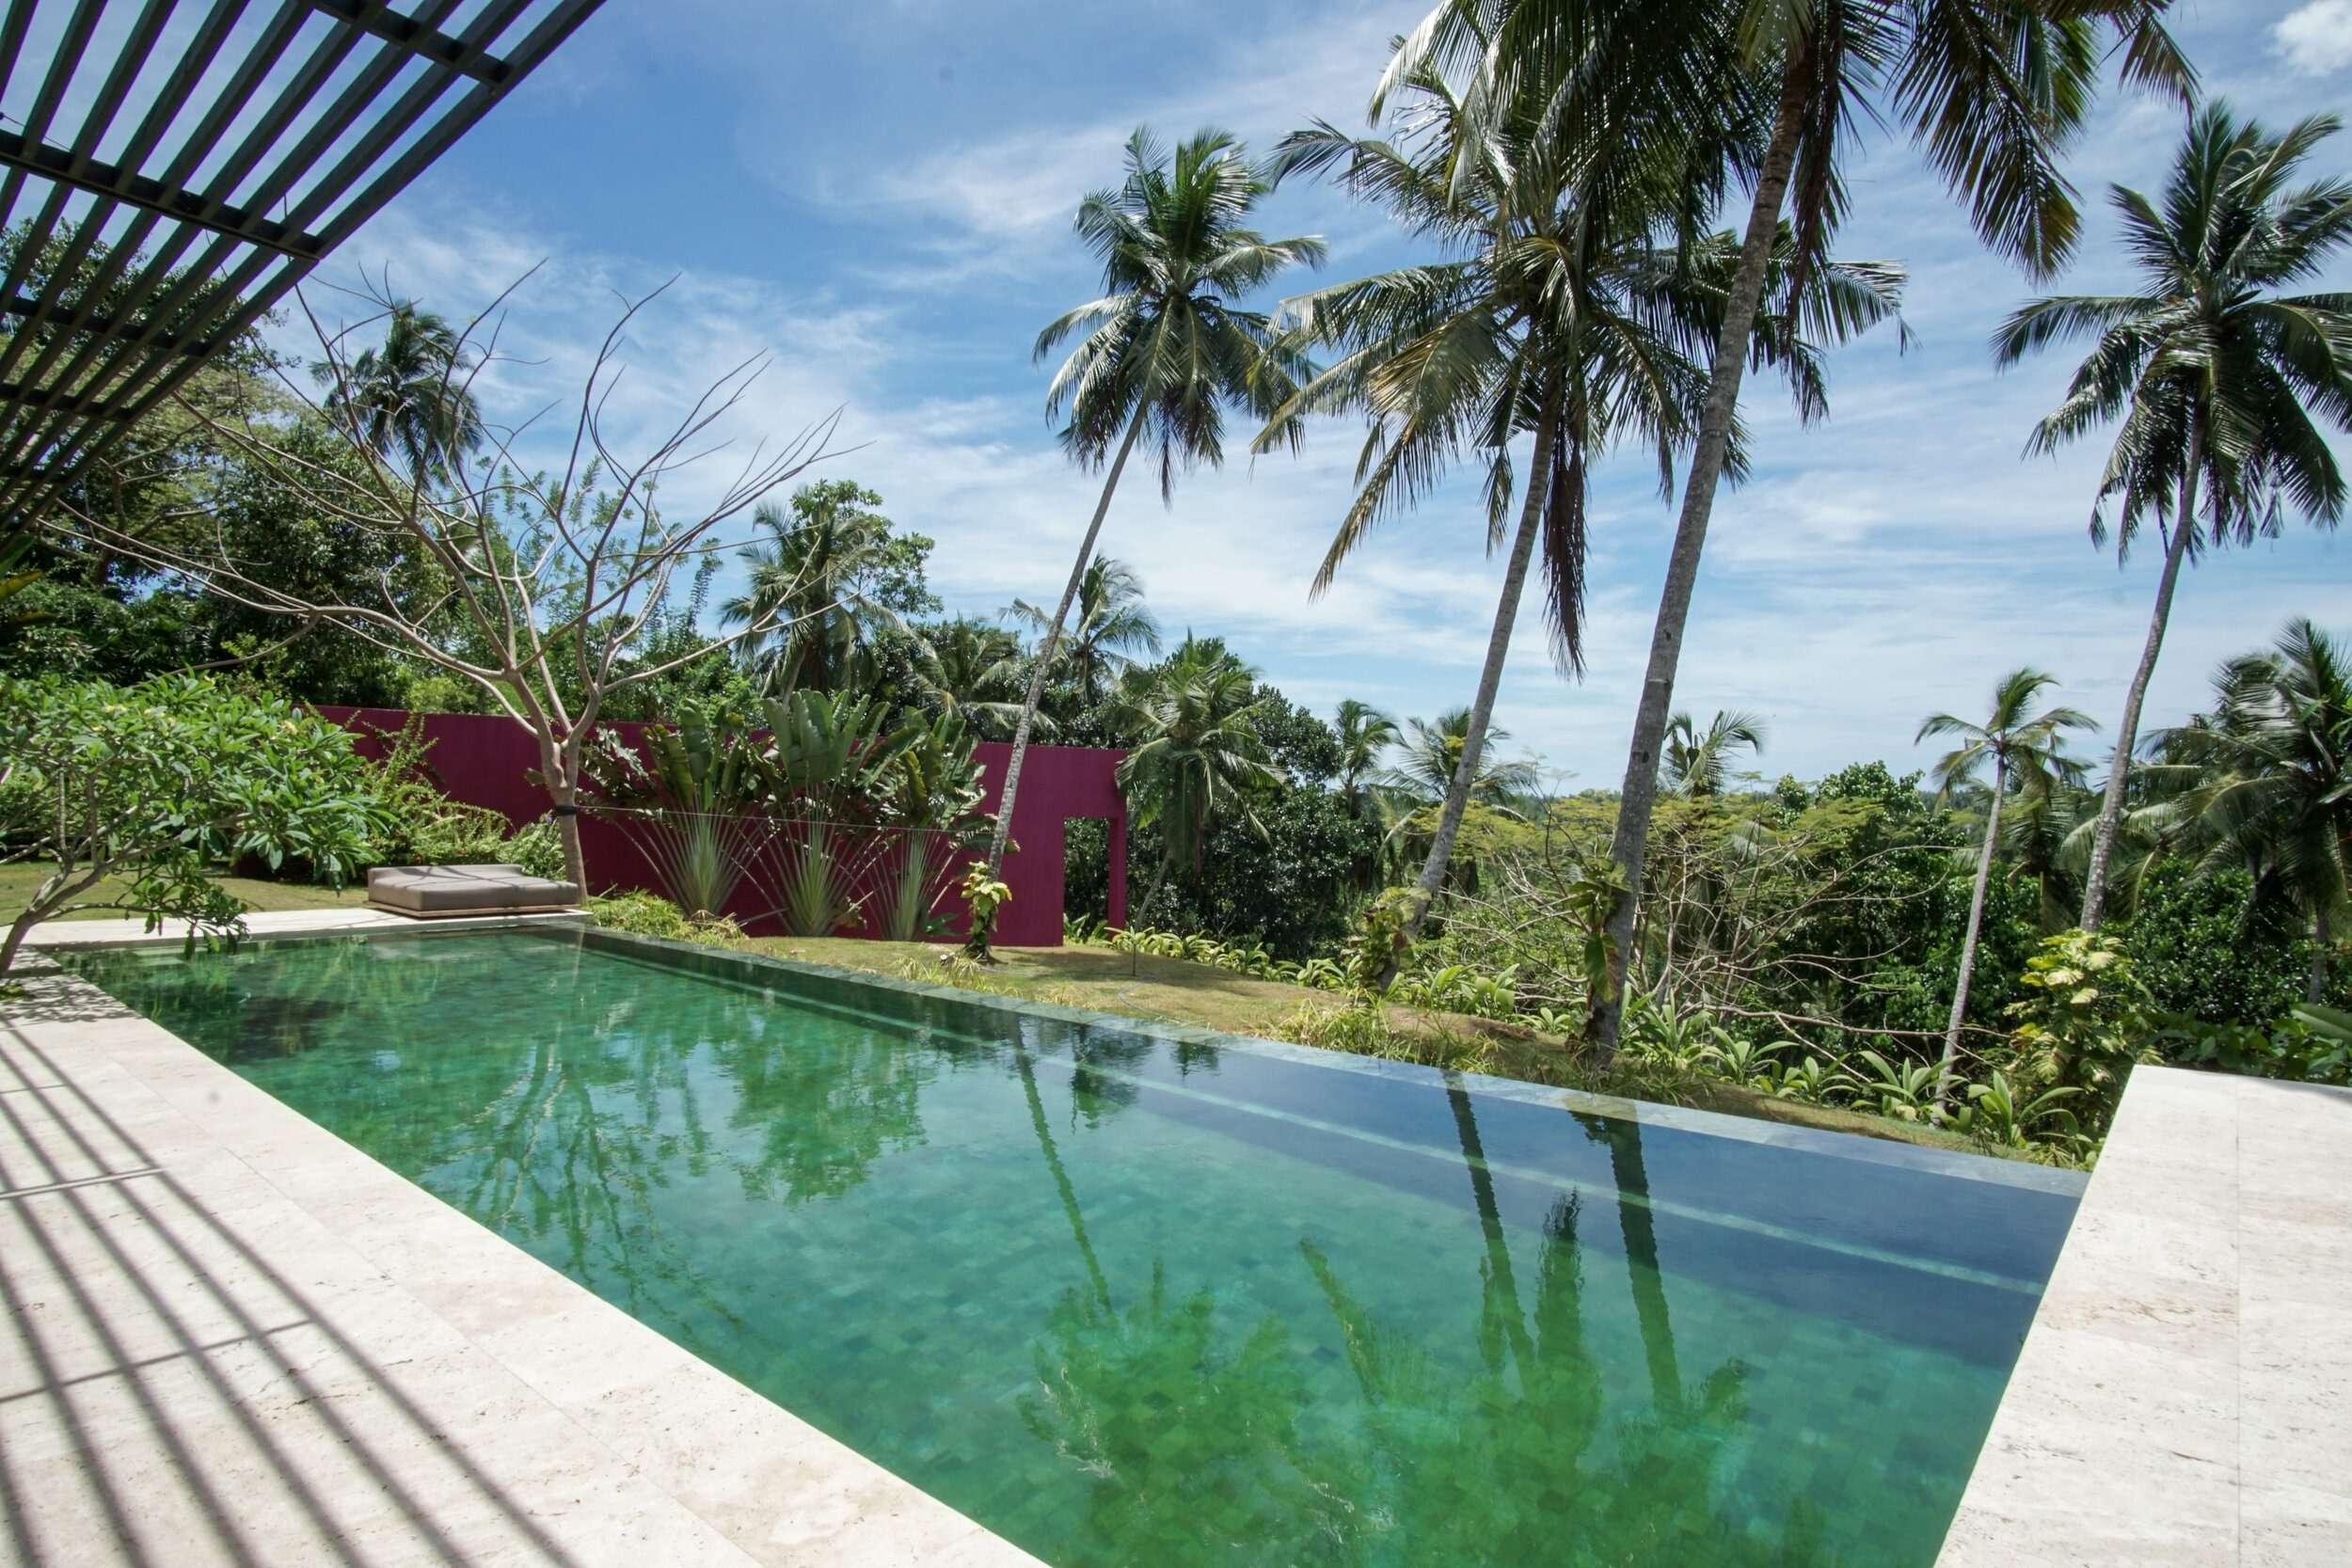 infinity pool with palm trees at Villa Wambatu, Sti Lanka